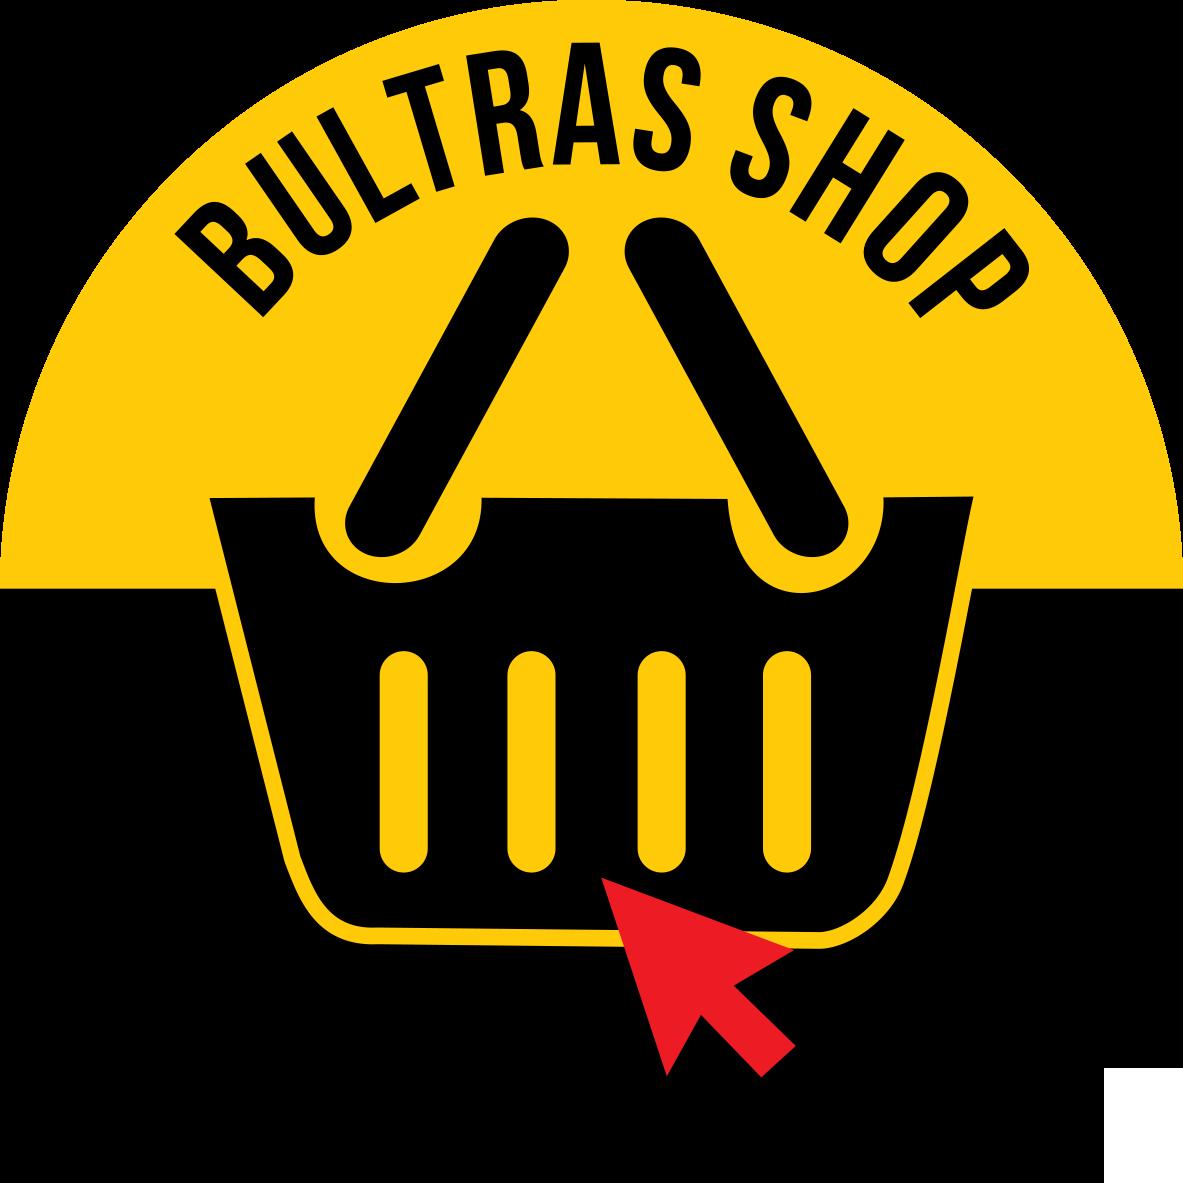 Shop-Bultras.com